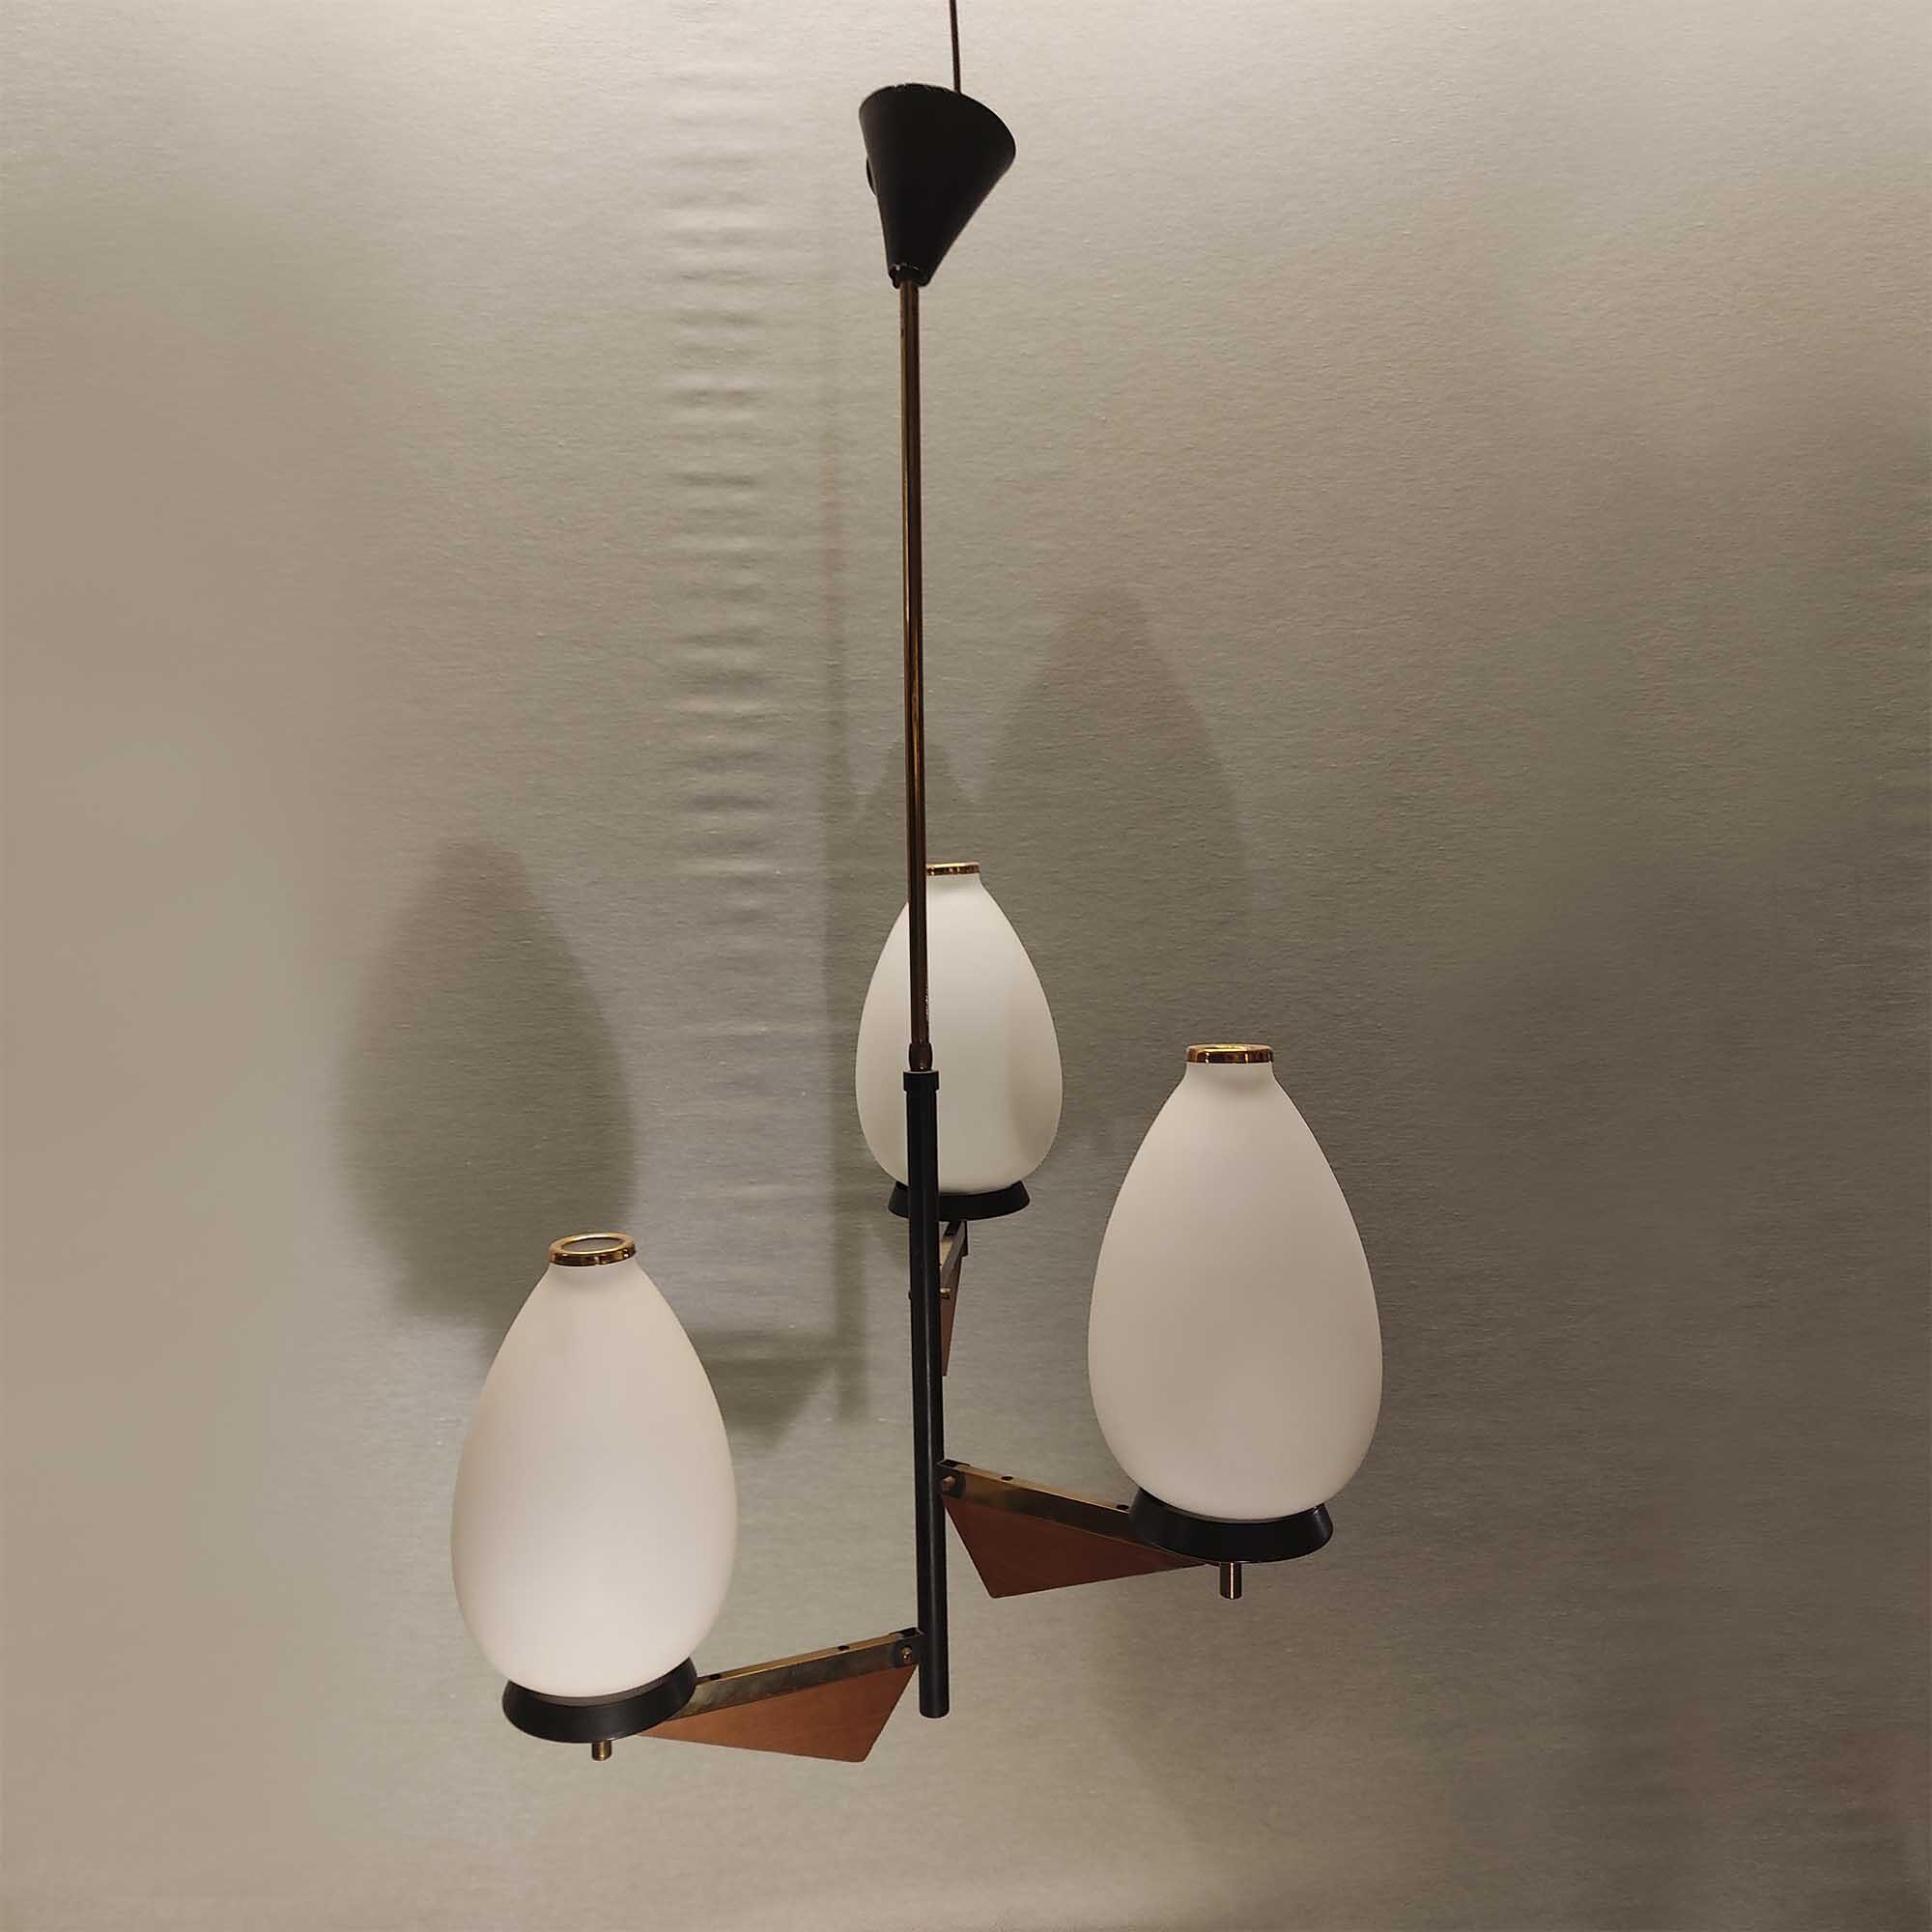 Lampadario in metallo laccato nero legno e vetro anni '60